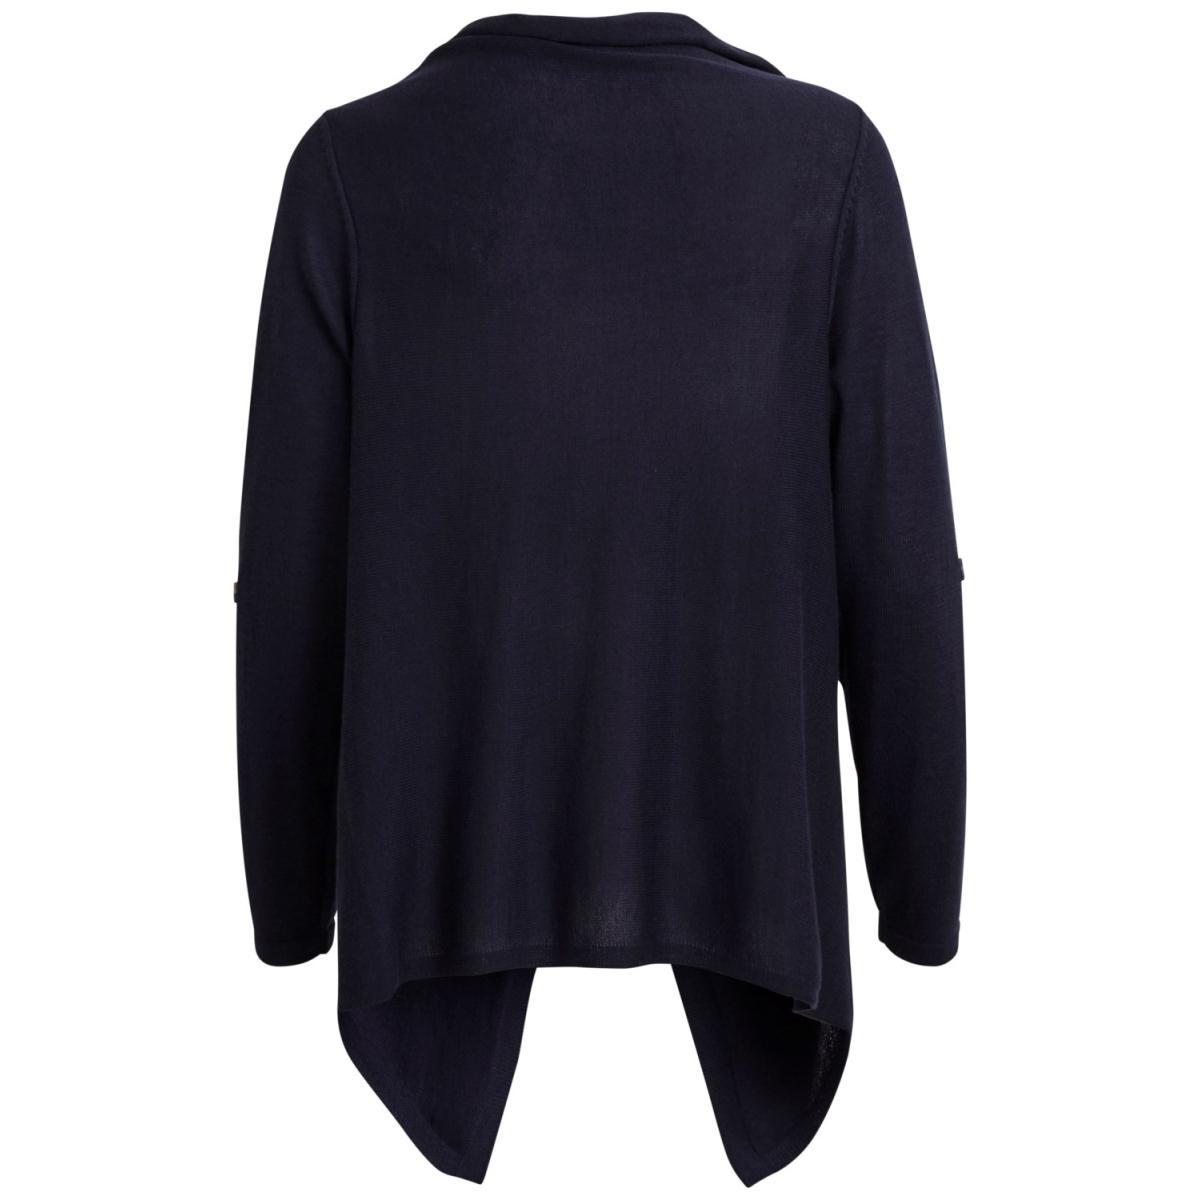 objdeanna light knit cardigan noos 23025313 object vest sky captain